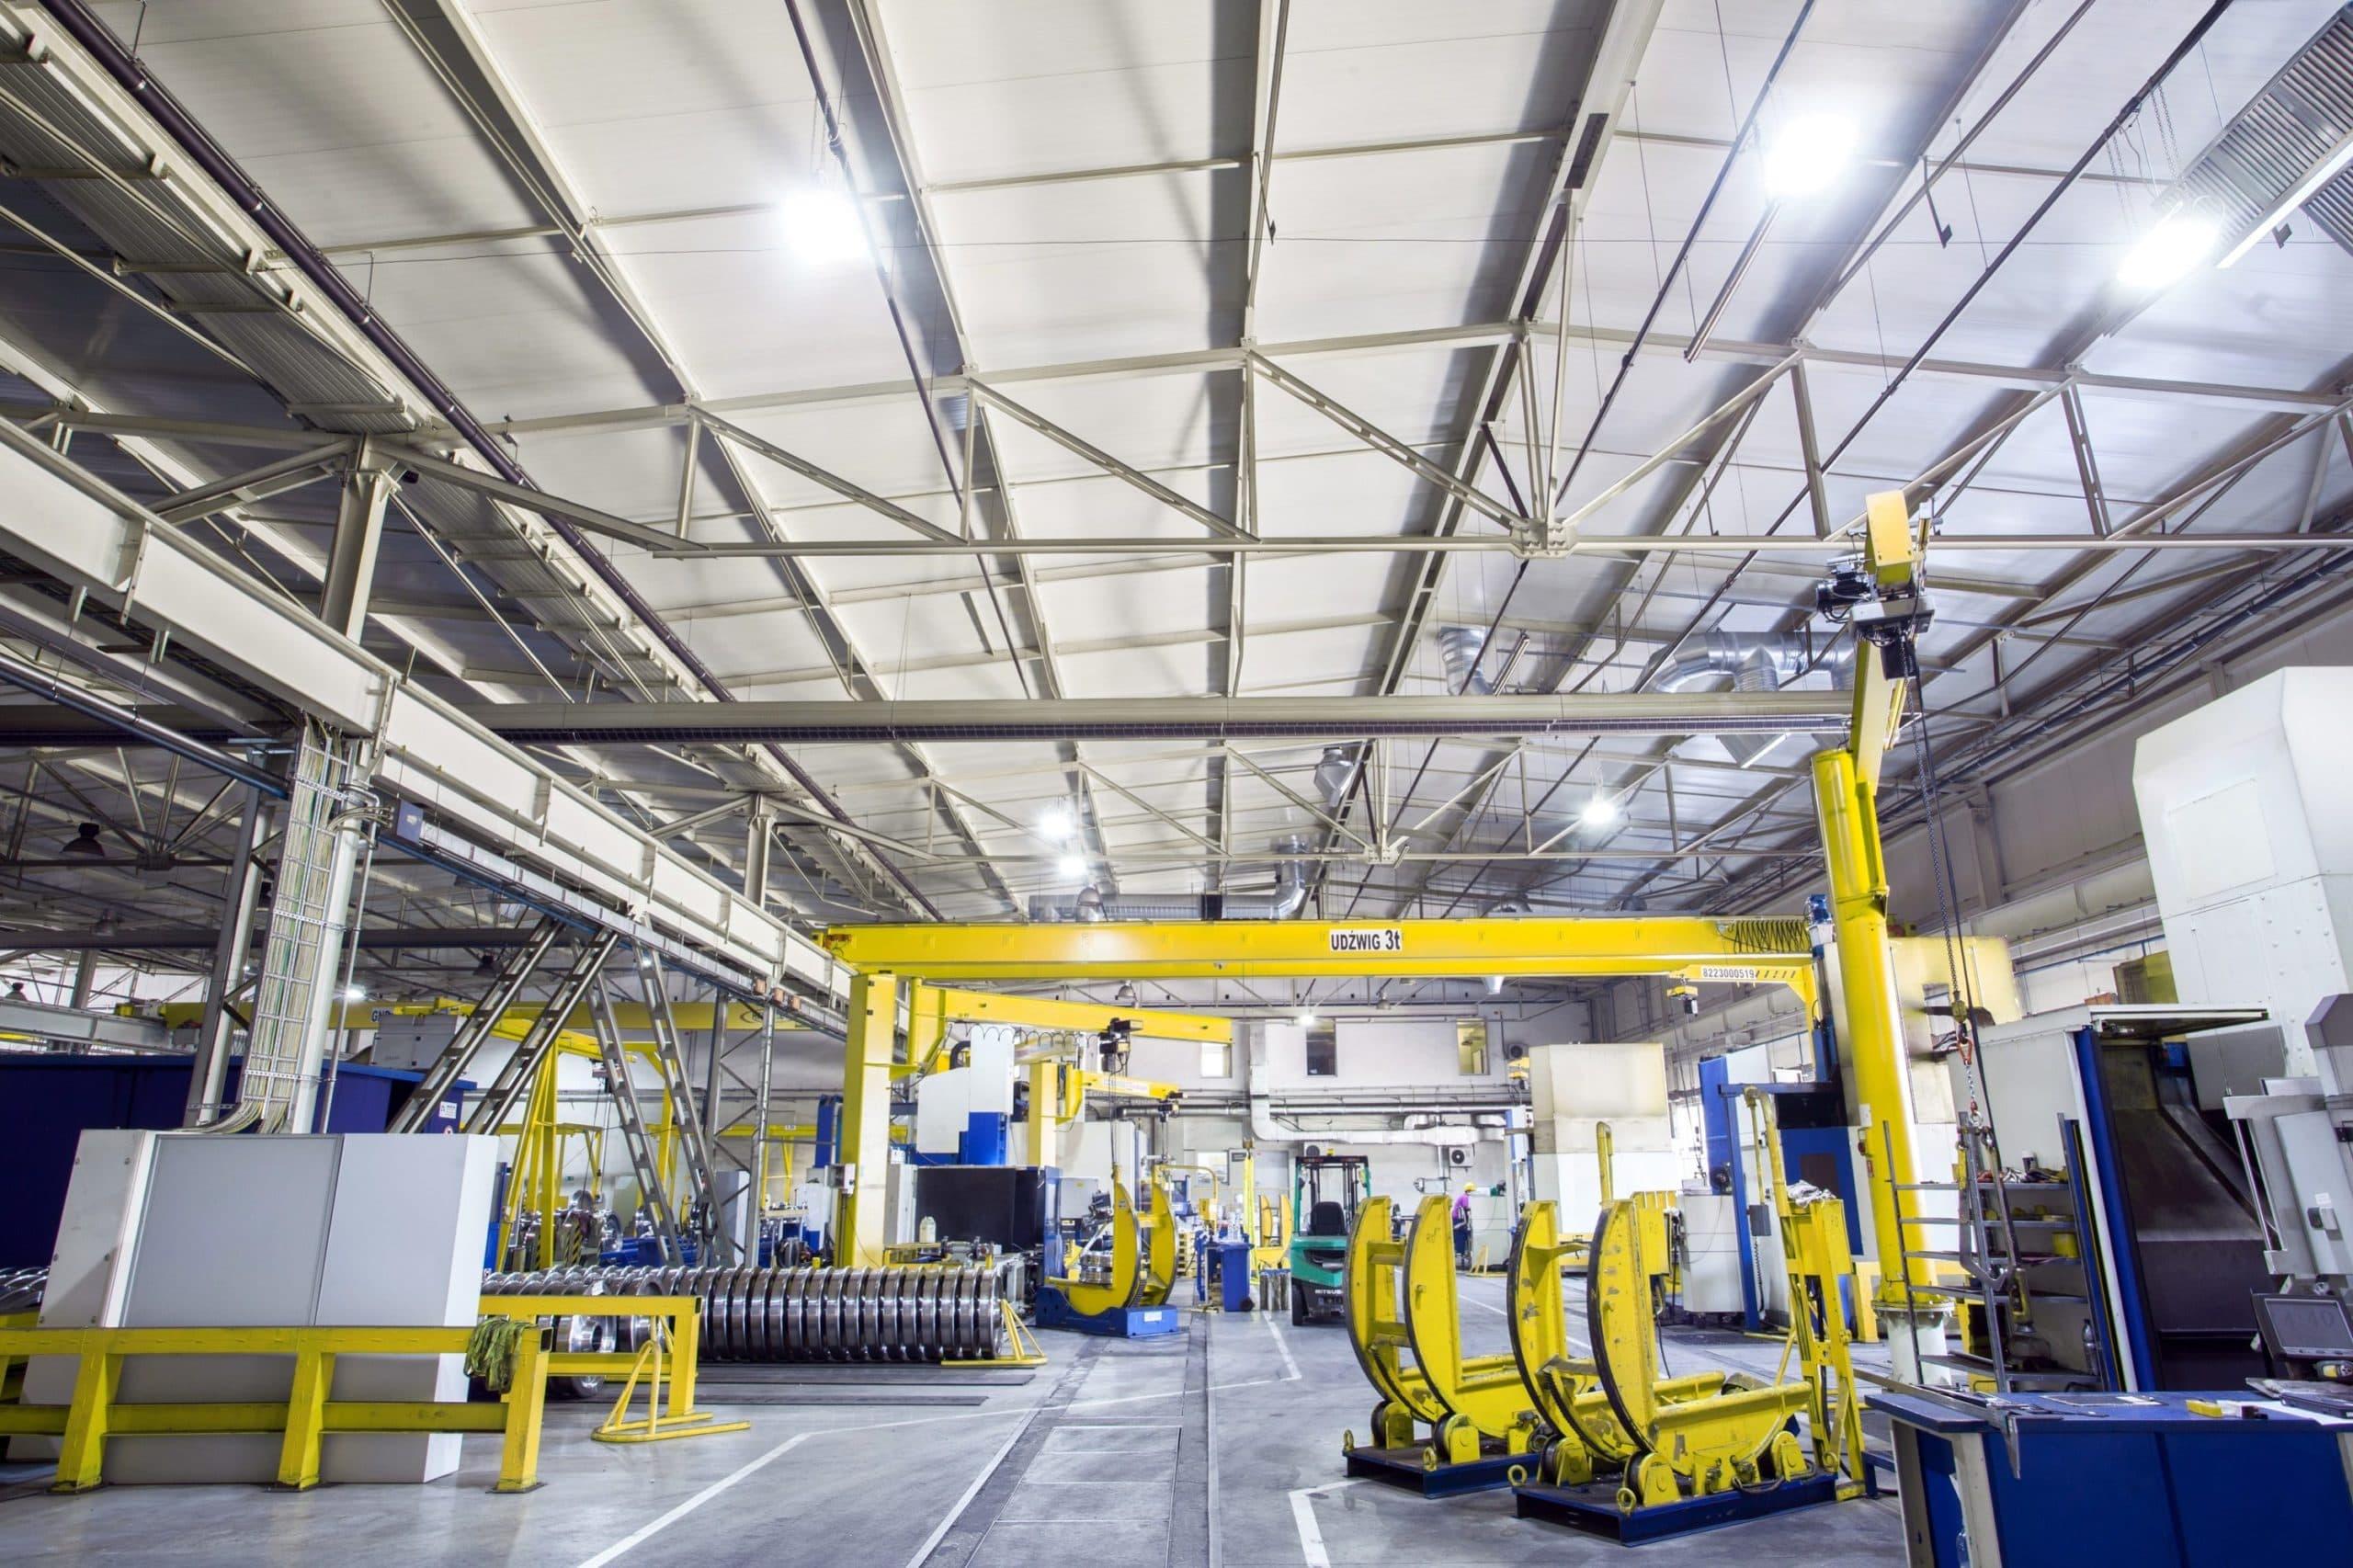 Oświetlenie Highbay w przemysłowej części firmy Lucchini - Luxon LED